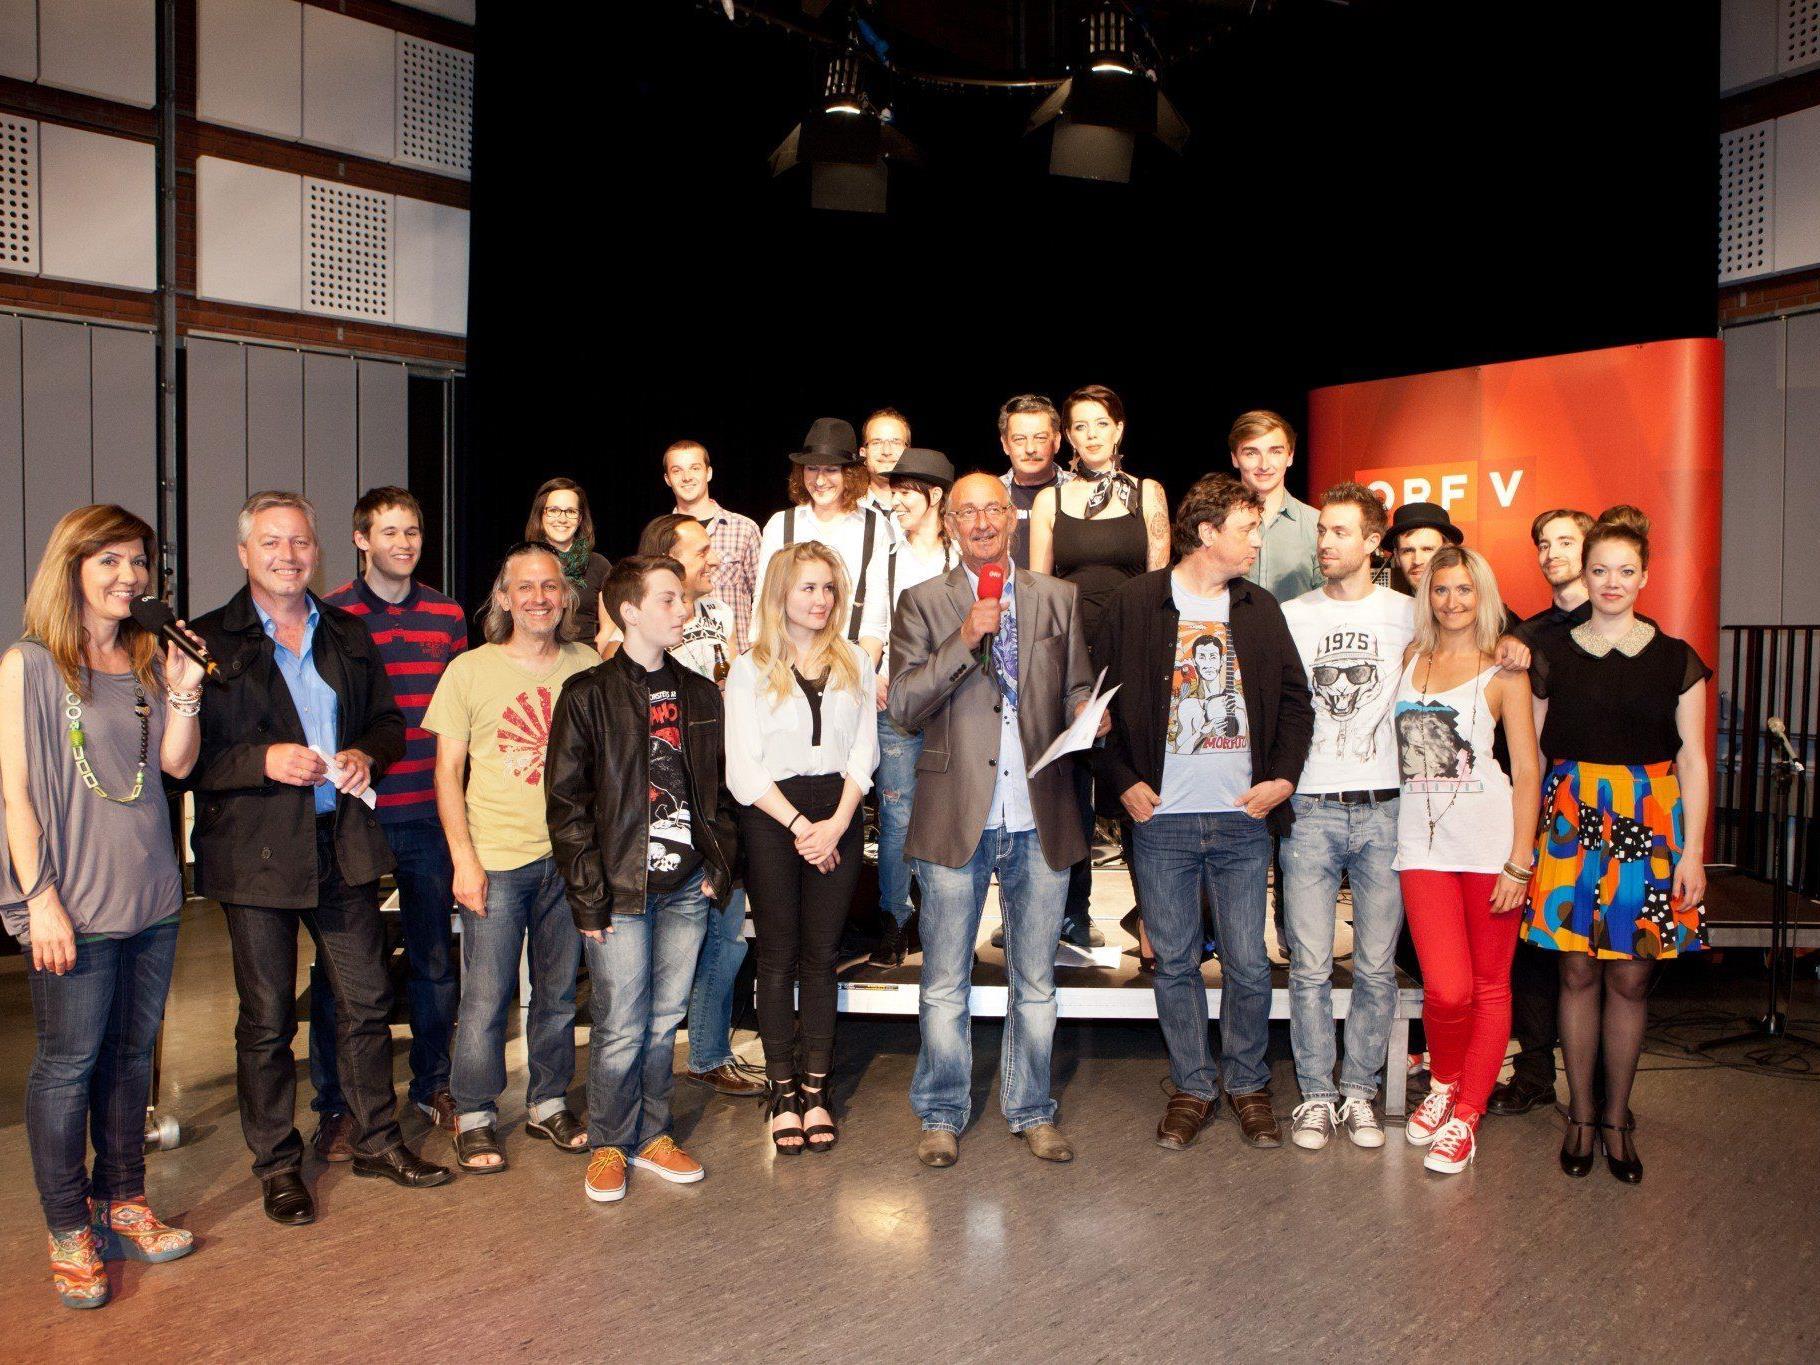 Vorausscheidung des mundARTpop/rock-Wettbewerbs ging erfolgreich über die Bühne.